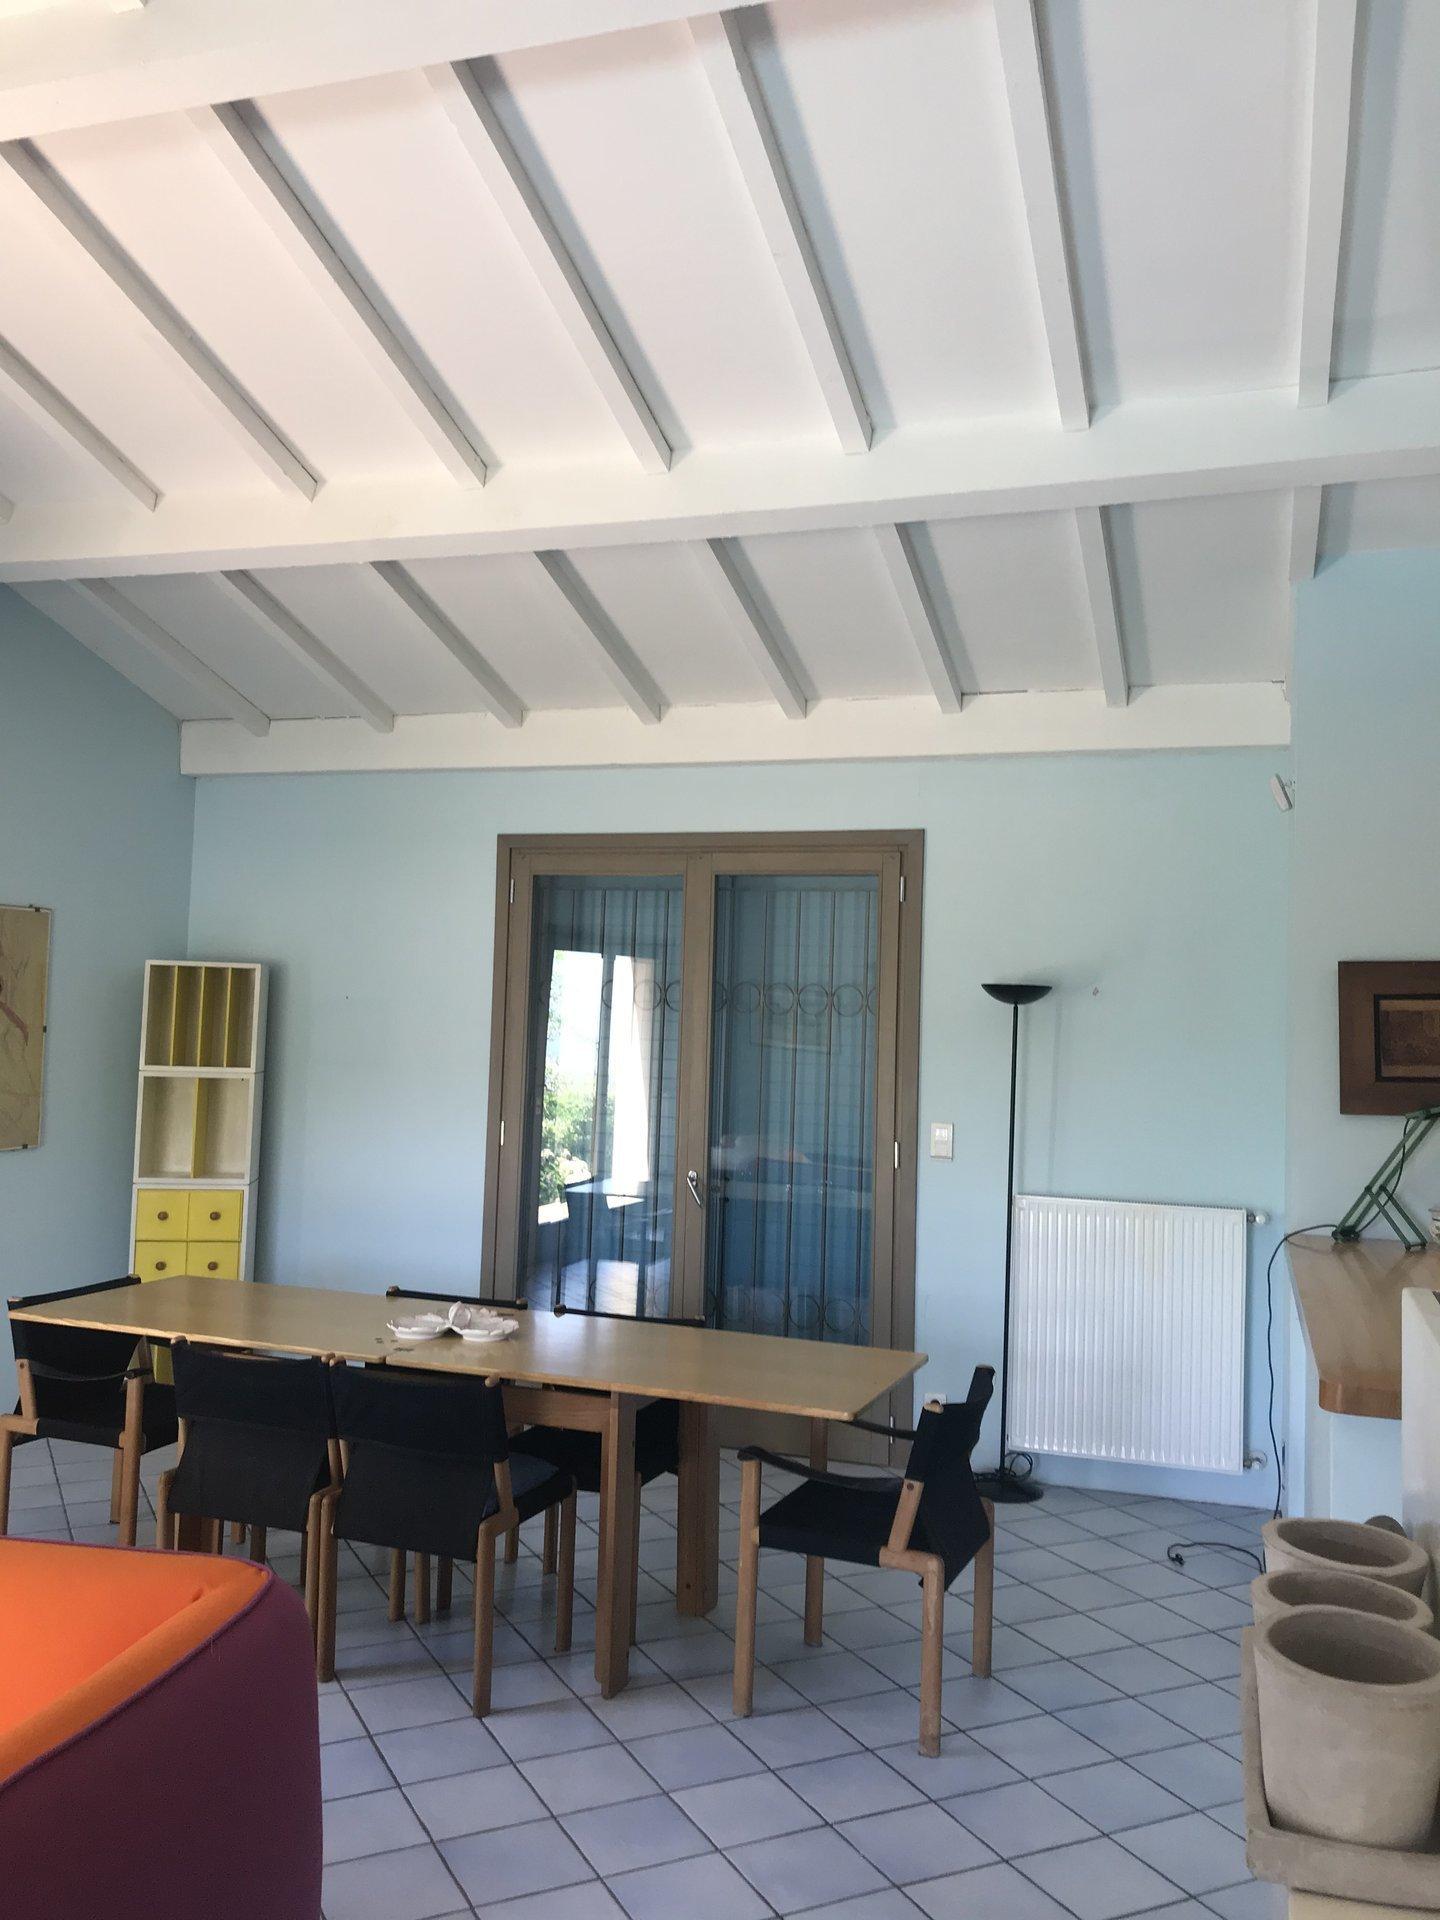 Affitto Villetta a schiera - Vallauris